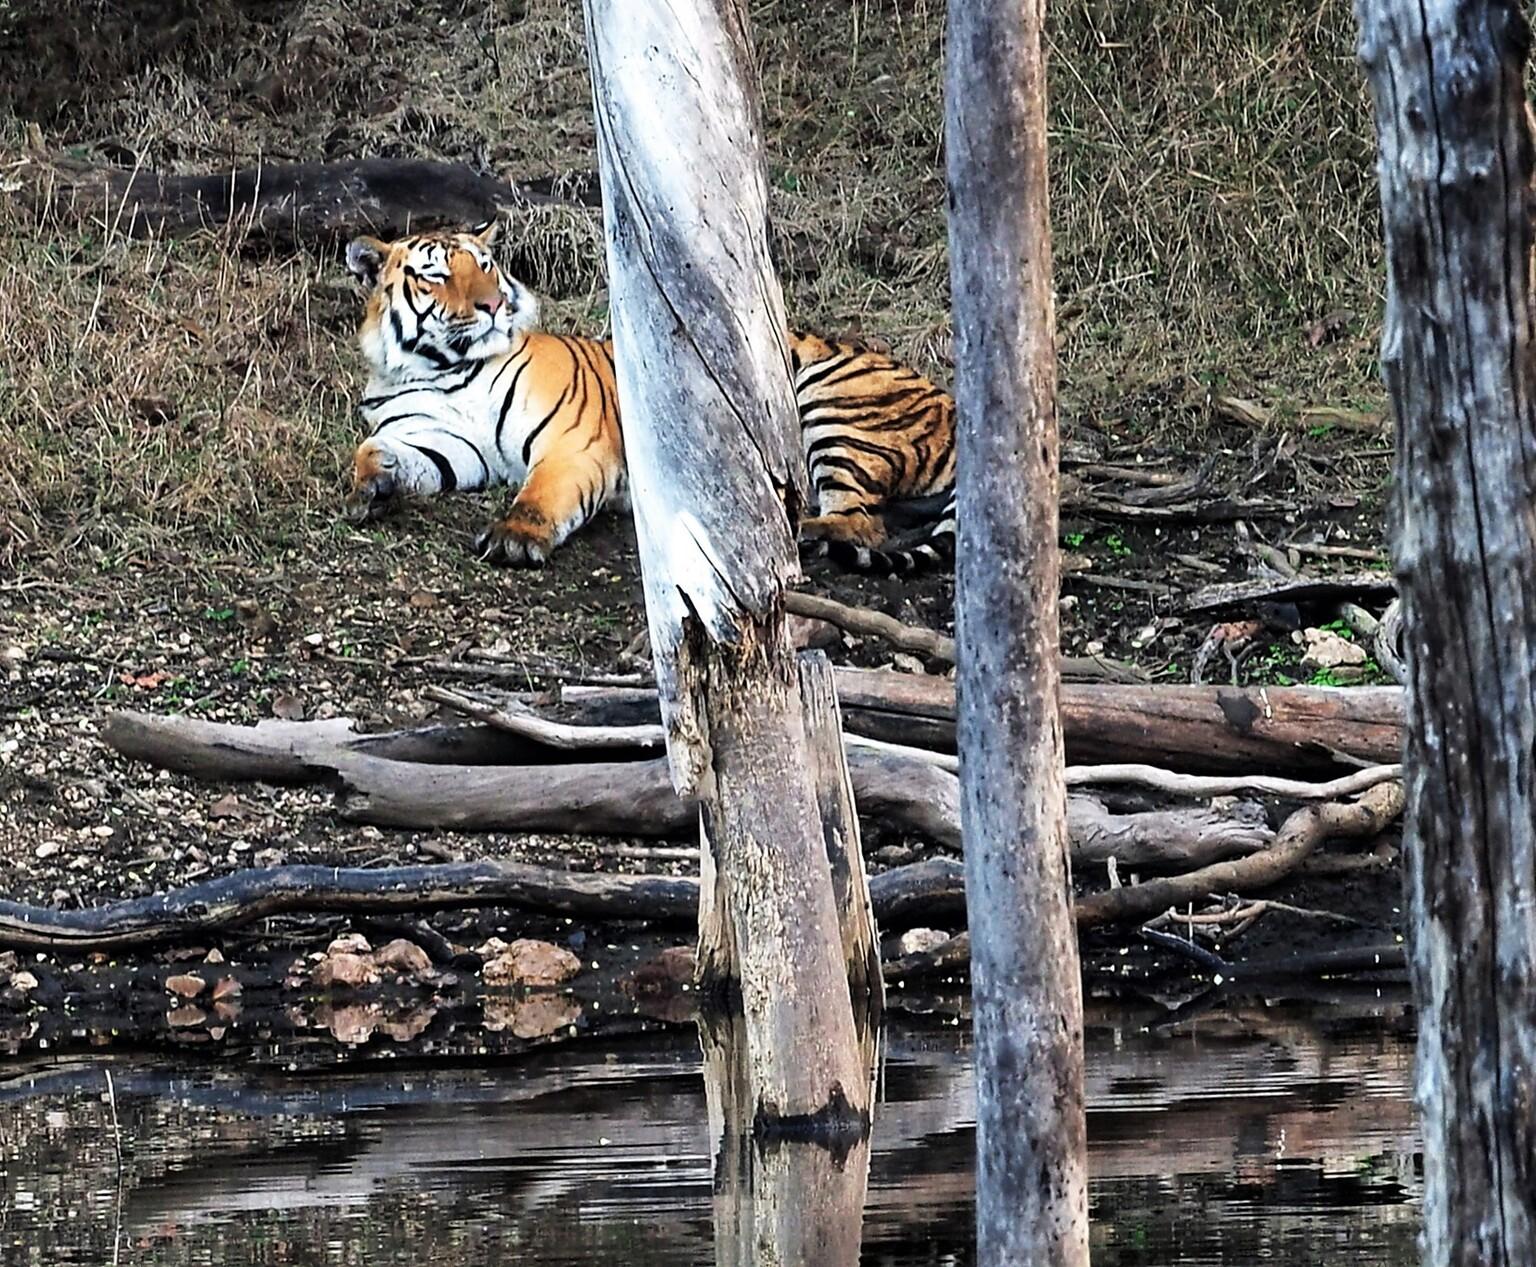 Mijn  Reizen - Deze  tijger   is zeker niet op jacht   dit is een mannetje   die  even de rust neemt  maar hij houd de omgeving   goed in de gaten .    Bedankt voor - foto door Stumpf op 15-04-2021 - locatie: India - deze foto bevat: bengaalse tijger, siberische tijger, tijger, natuur, felidae, carnivoor, hout, takje, kofferbak, terrestrische dieren